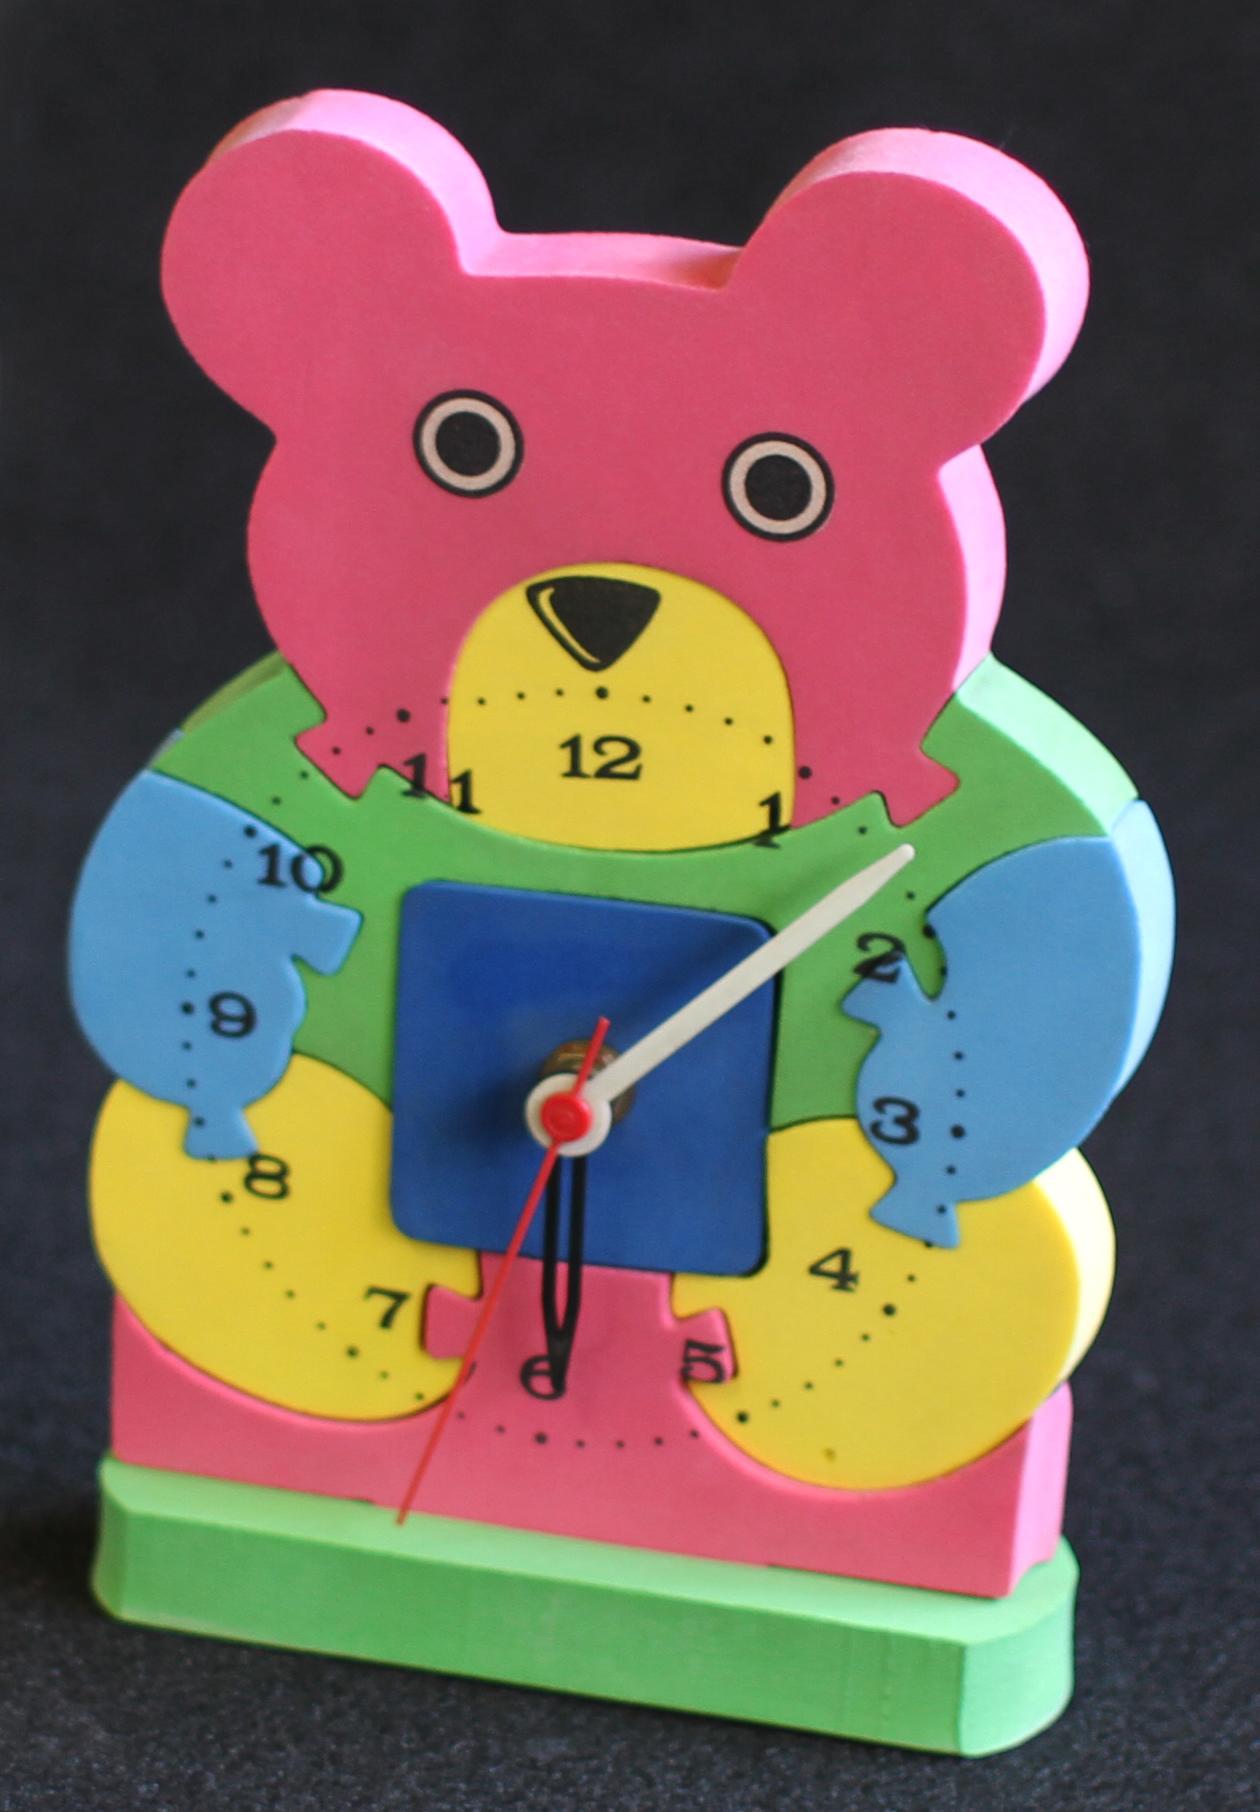 Relógio formato especial Image